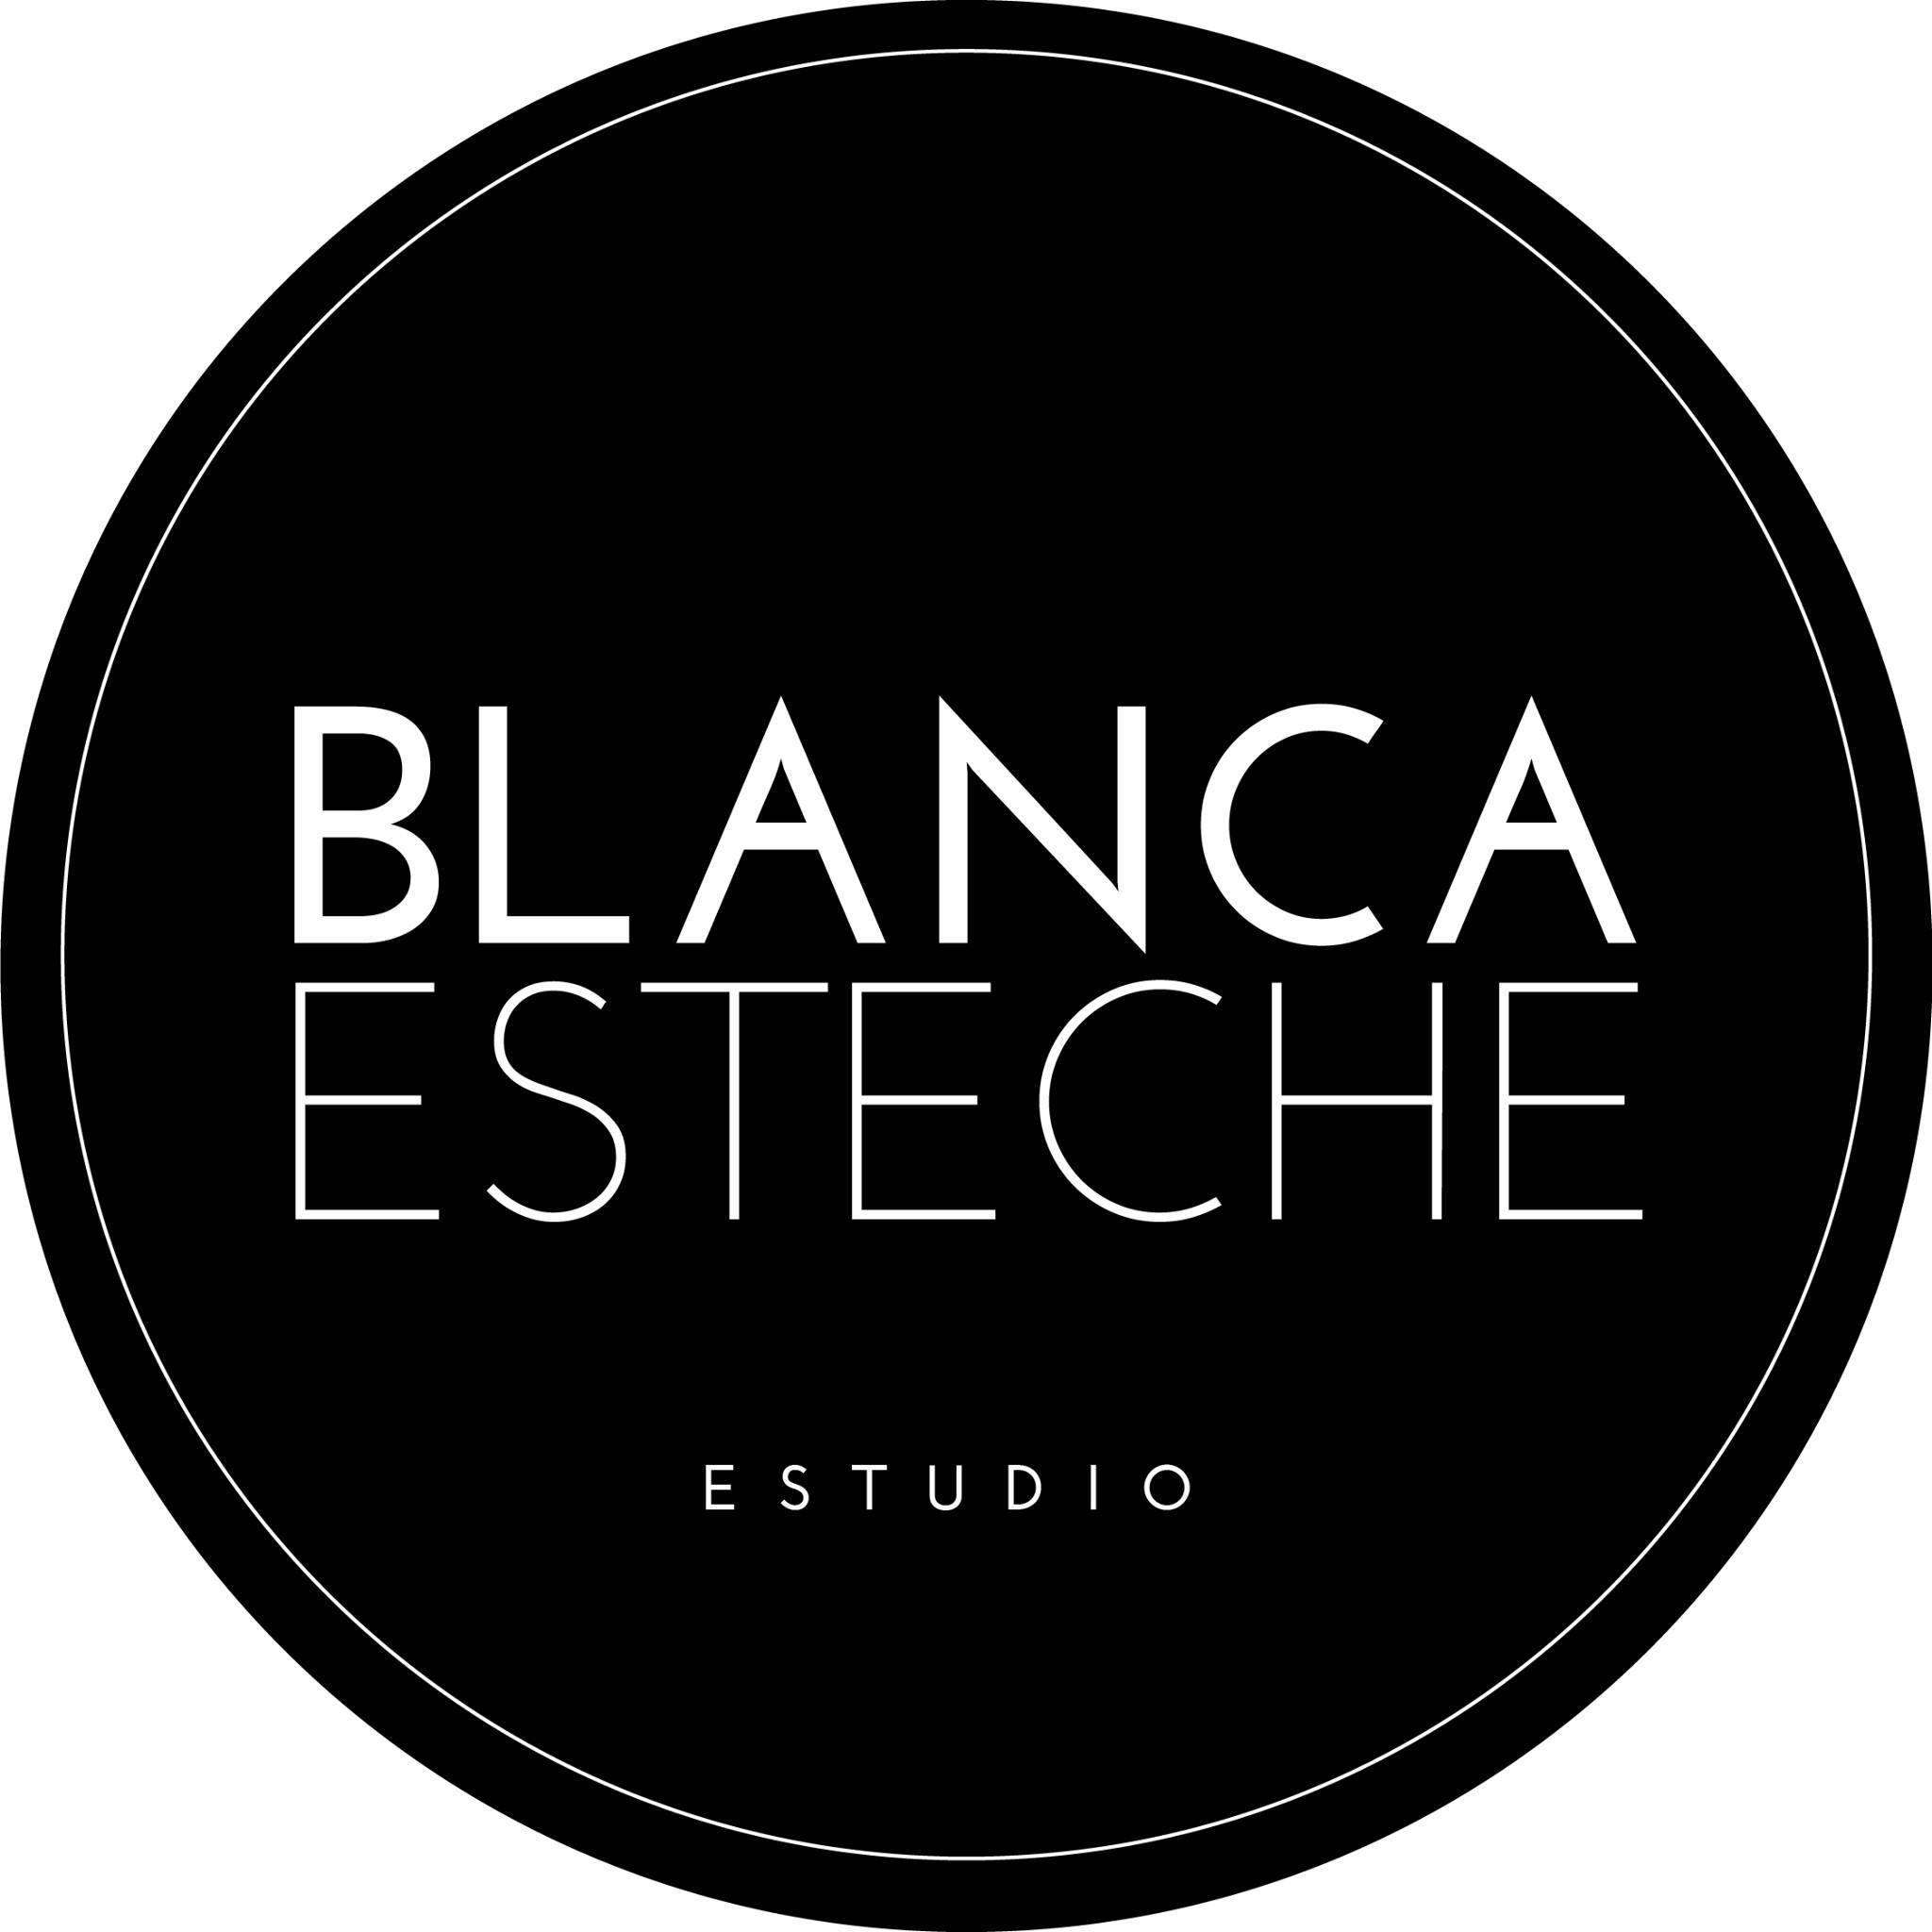 Blanca Esteche - Recoleta